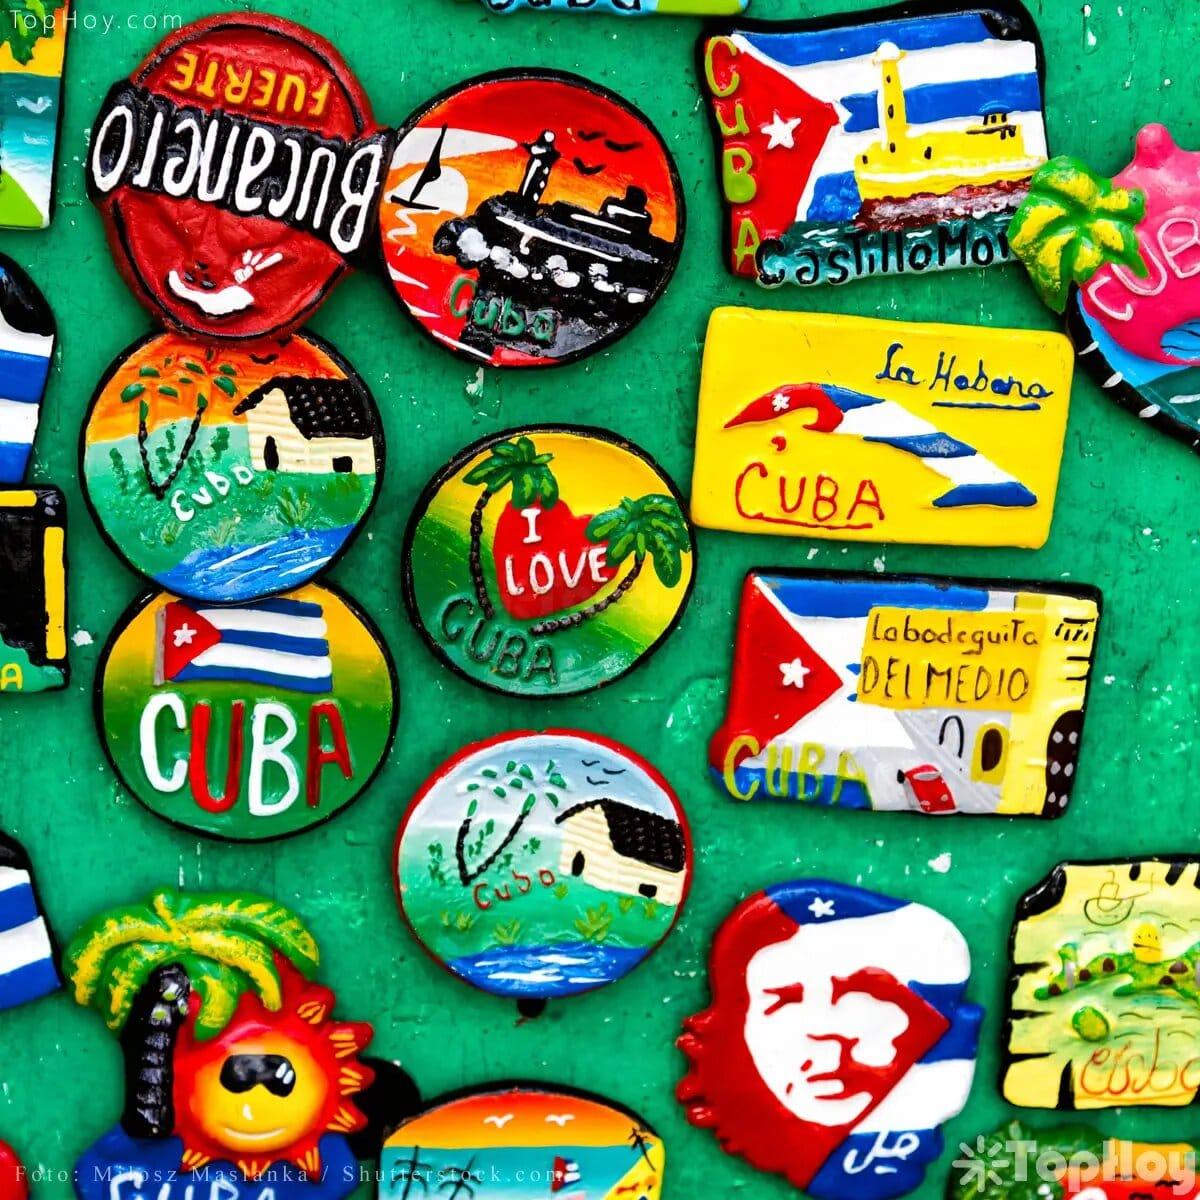 Artículos que representan a Cuba